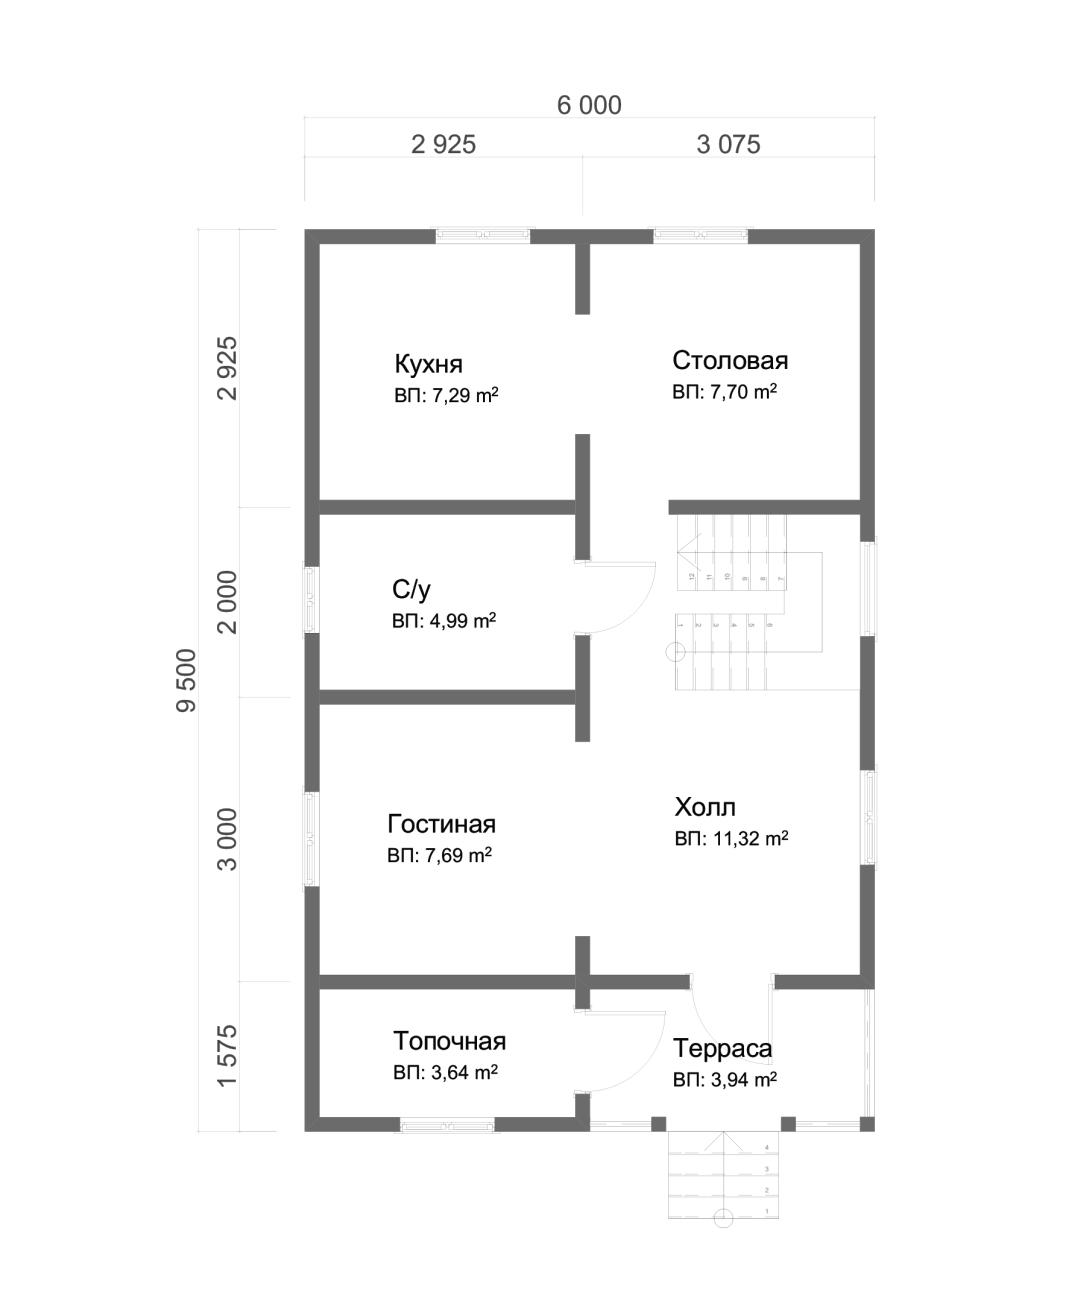 Проект дома из бруса 6х9,5 1,5 этажа с террасой и балконом. План 1-го этажа.